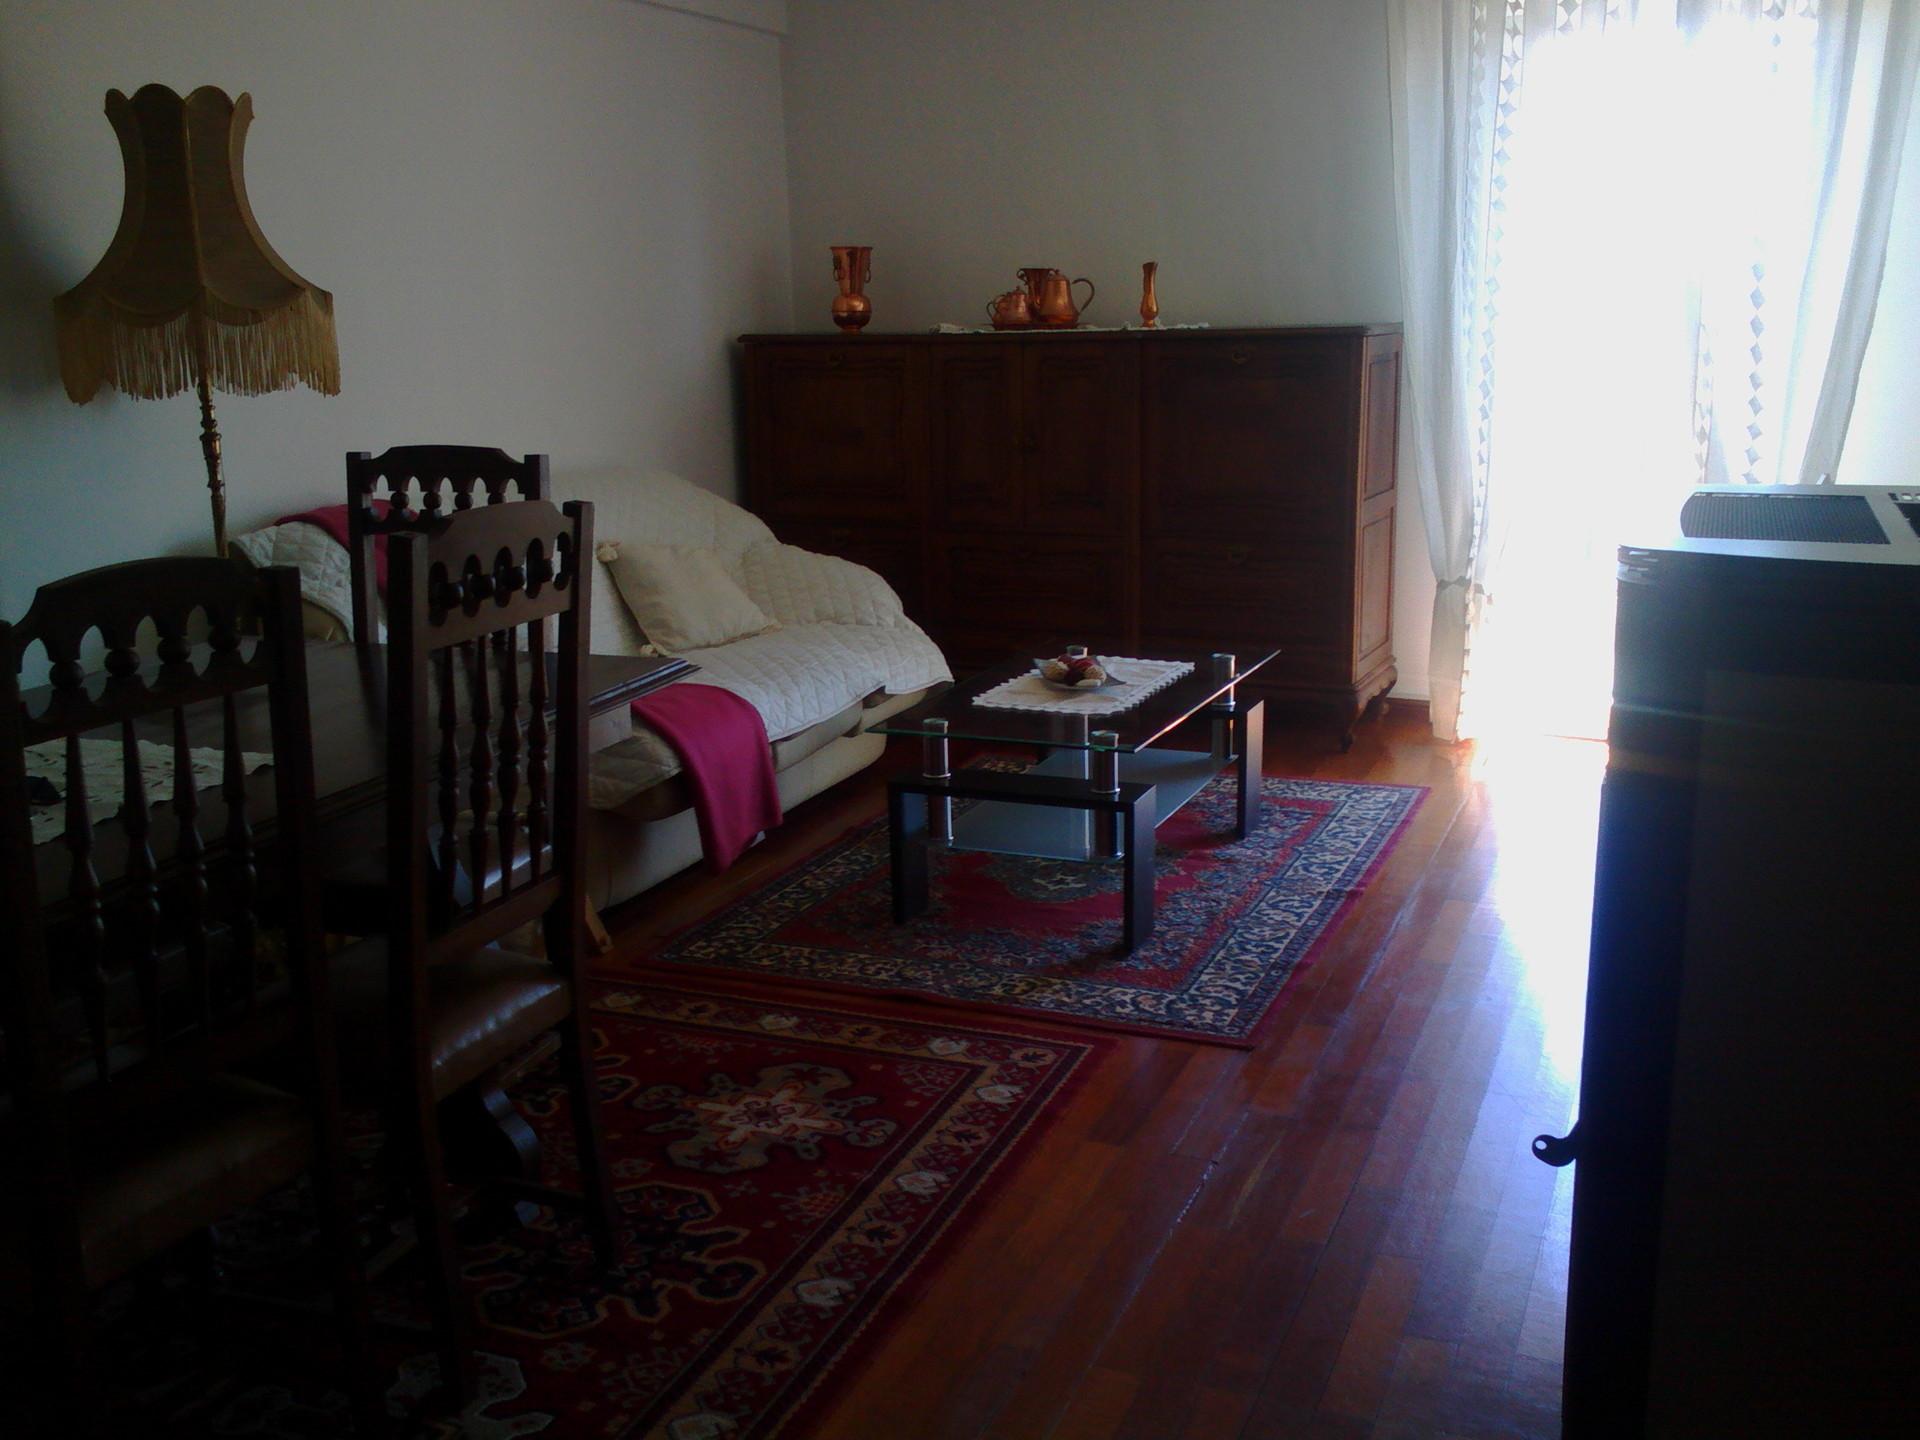 apartamento-aquecido-3-quartos-aquecidos-ed2913661255f564d77ed46e574e8c3e